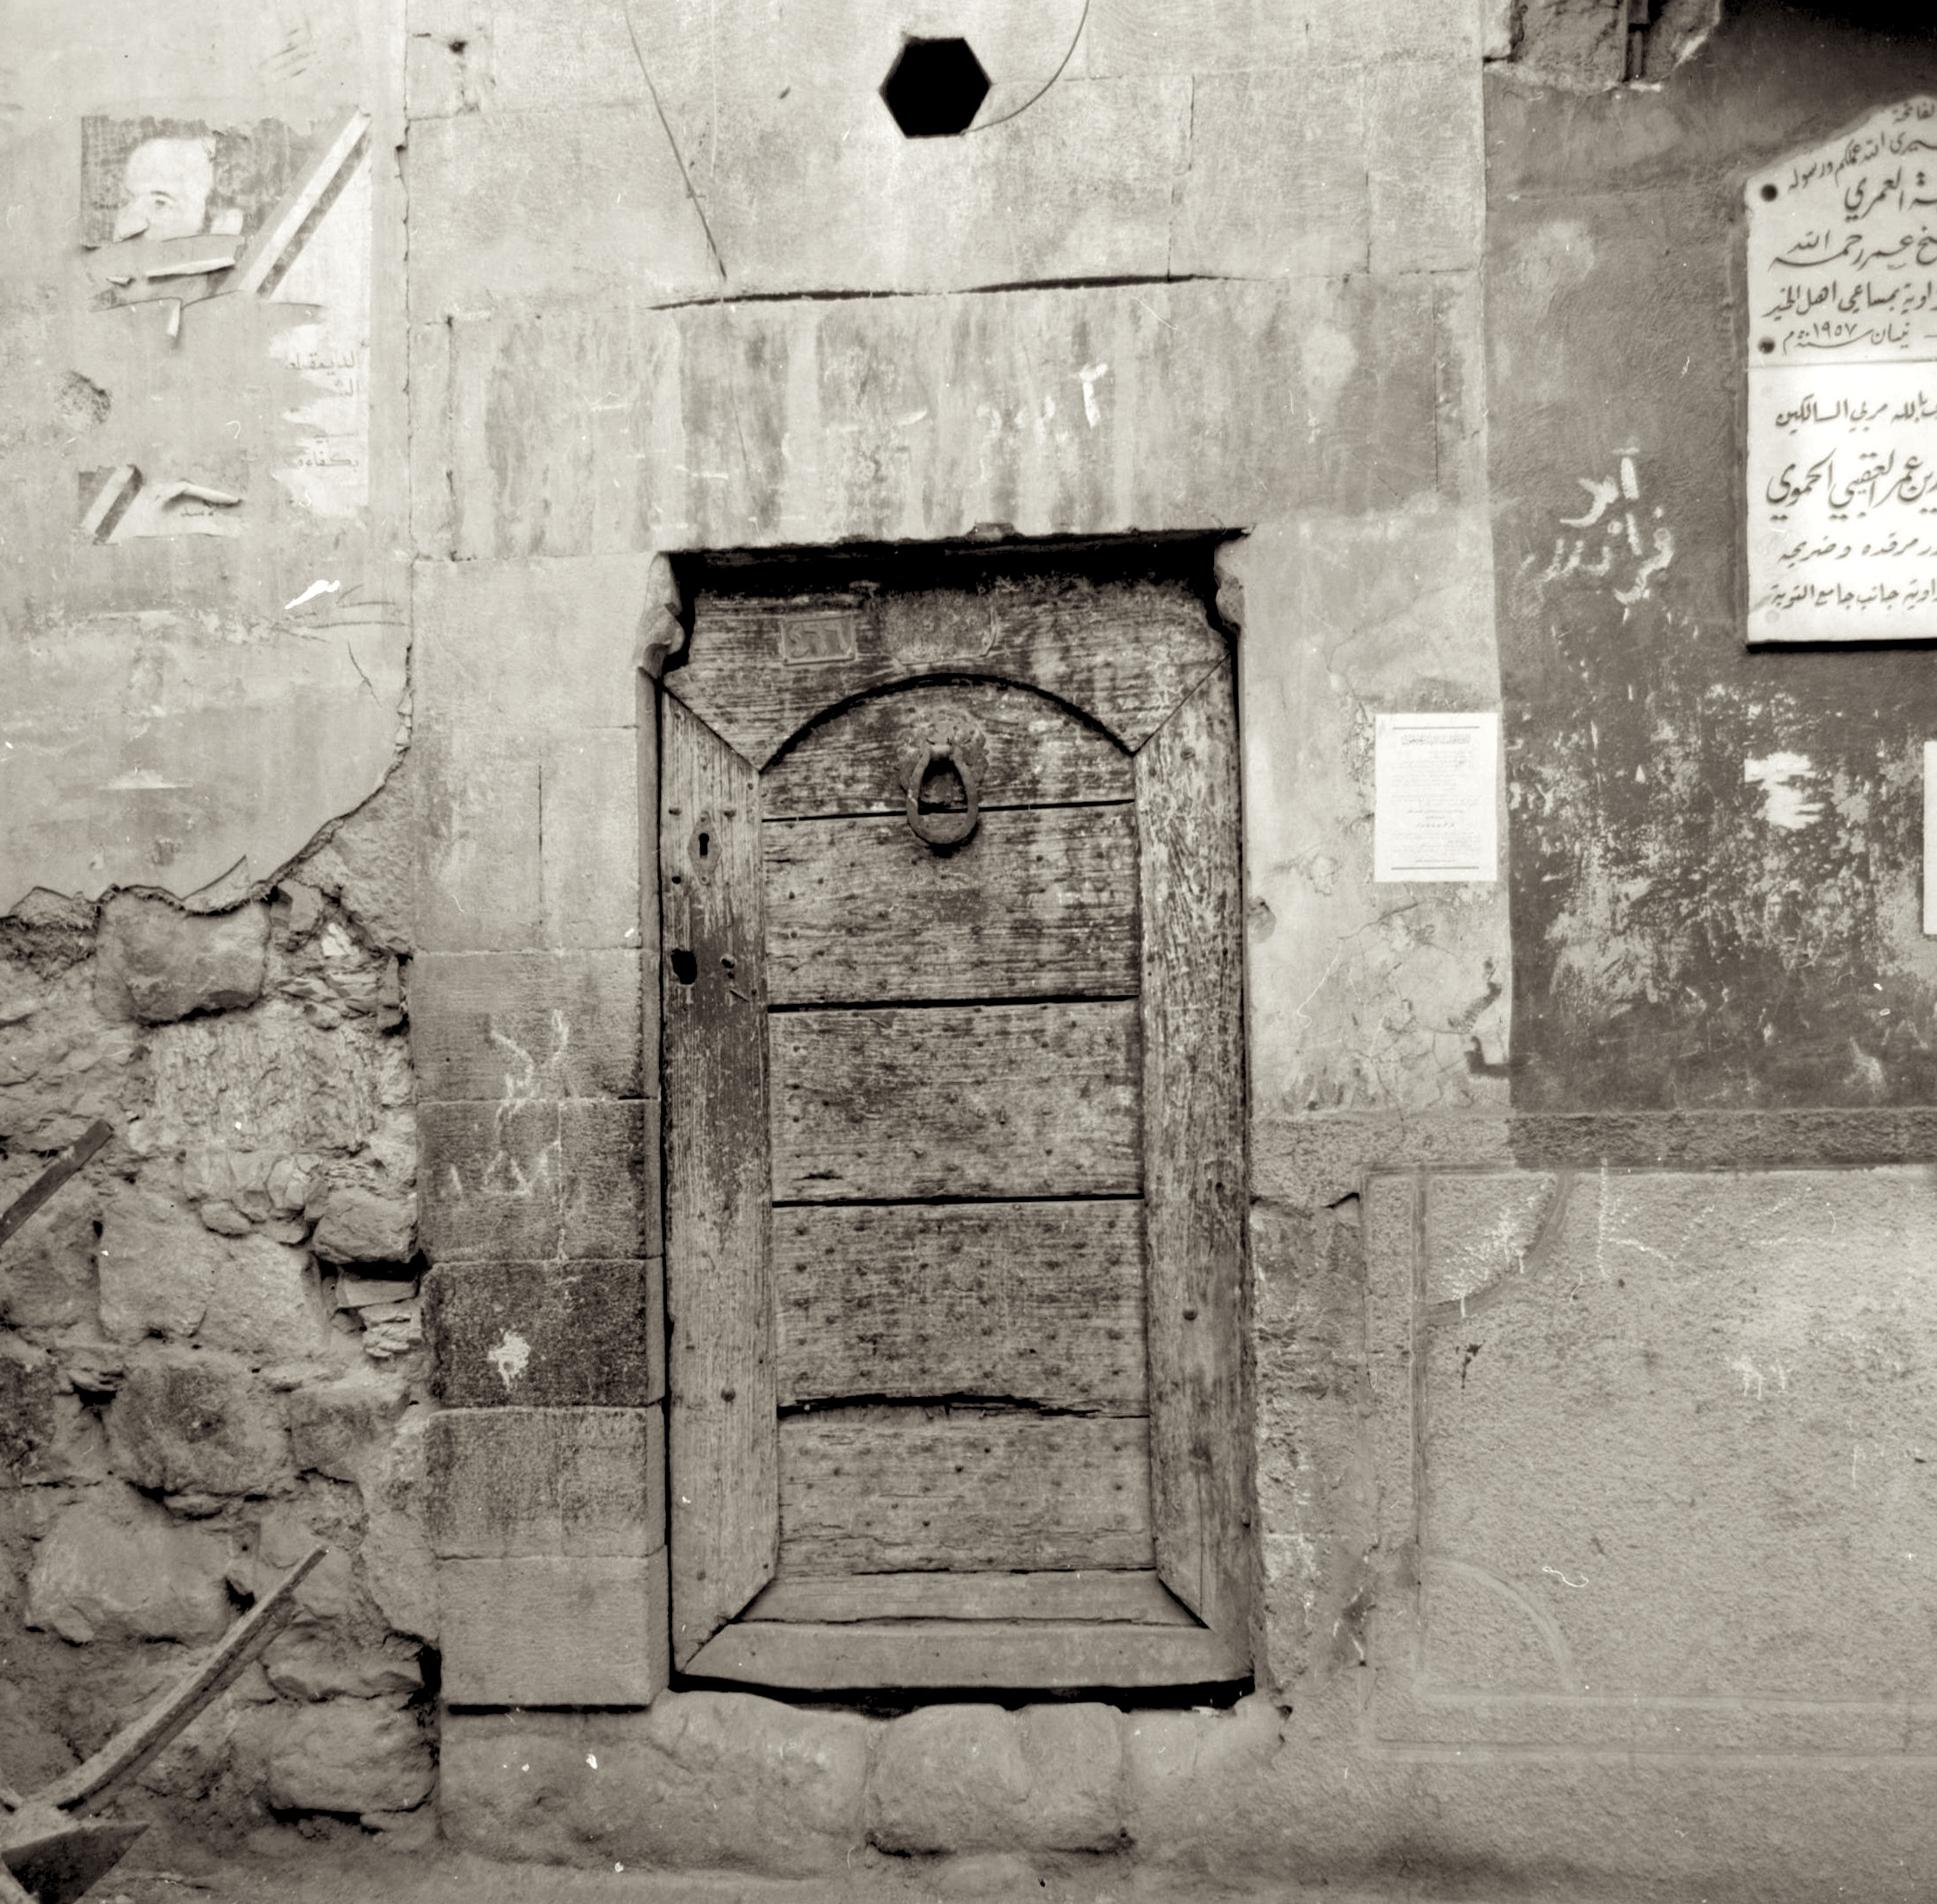 Damas dans le miroir des crivains et des po tes arabes 3 les carnets de - Photos de vieilles portes en bois ...